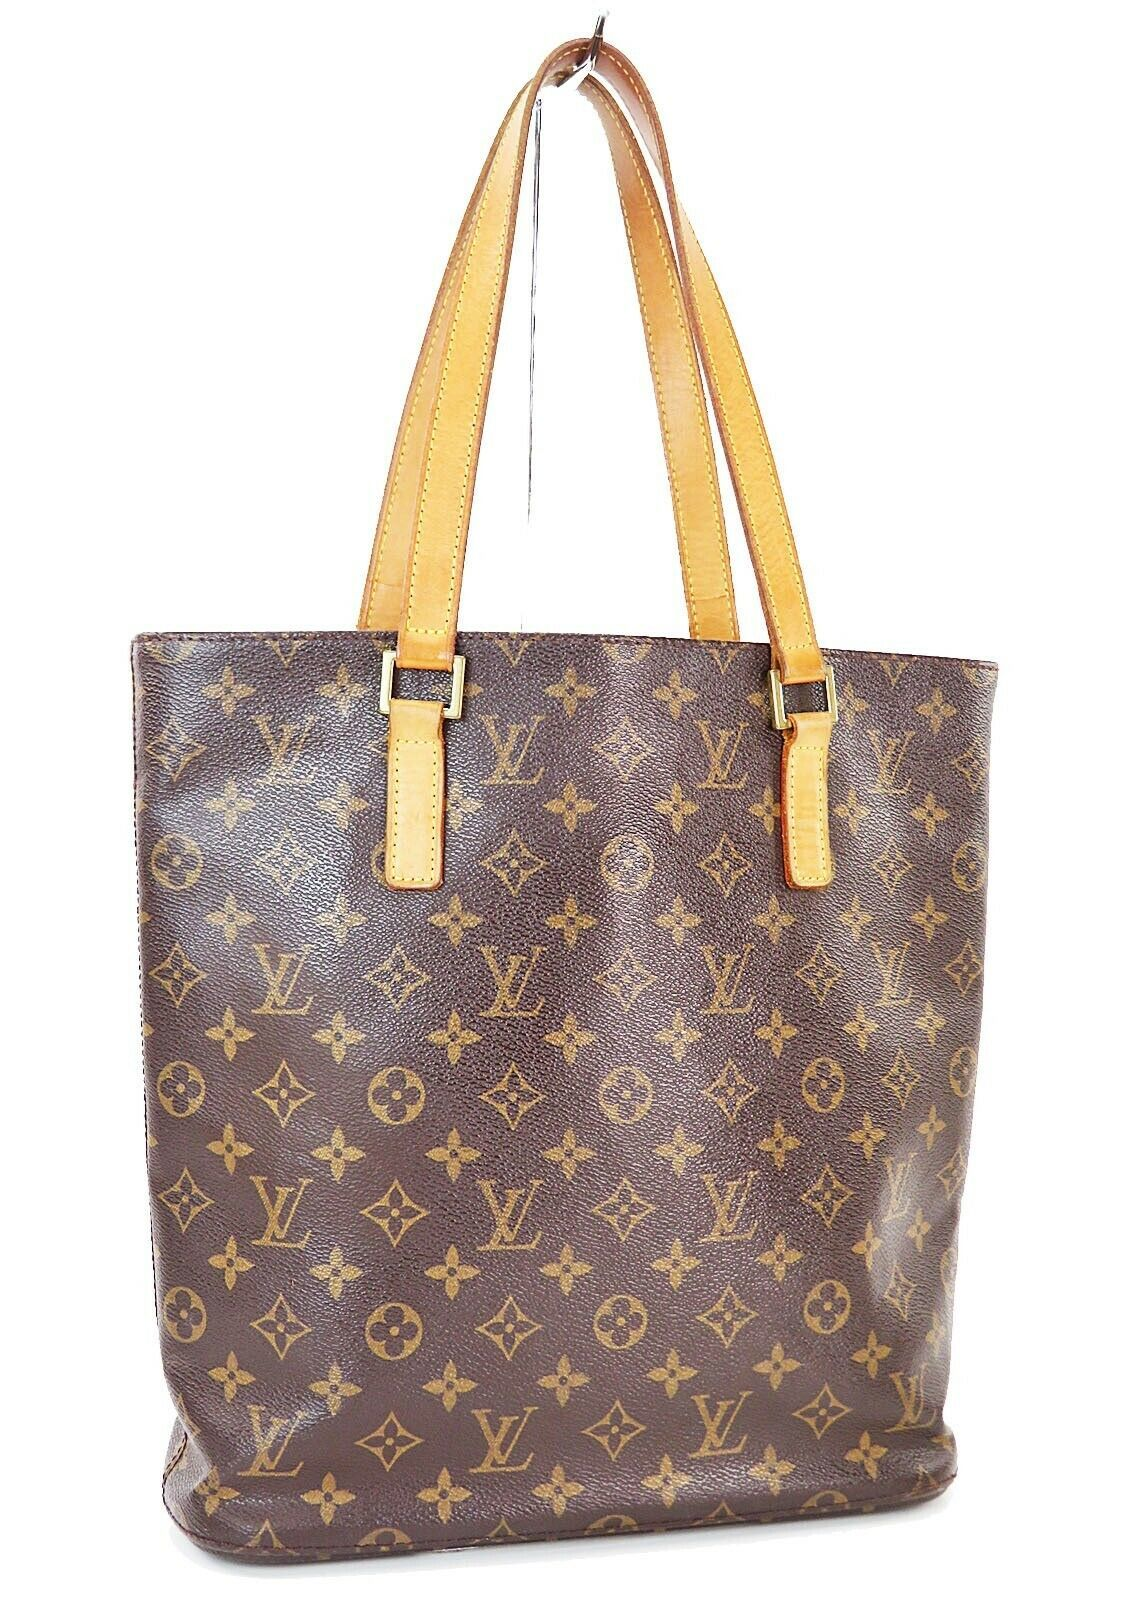 Authentic LOUIS VUITTON Vavin GM Monogram Shoulder Tote Bag #32345